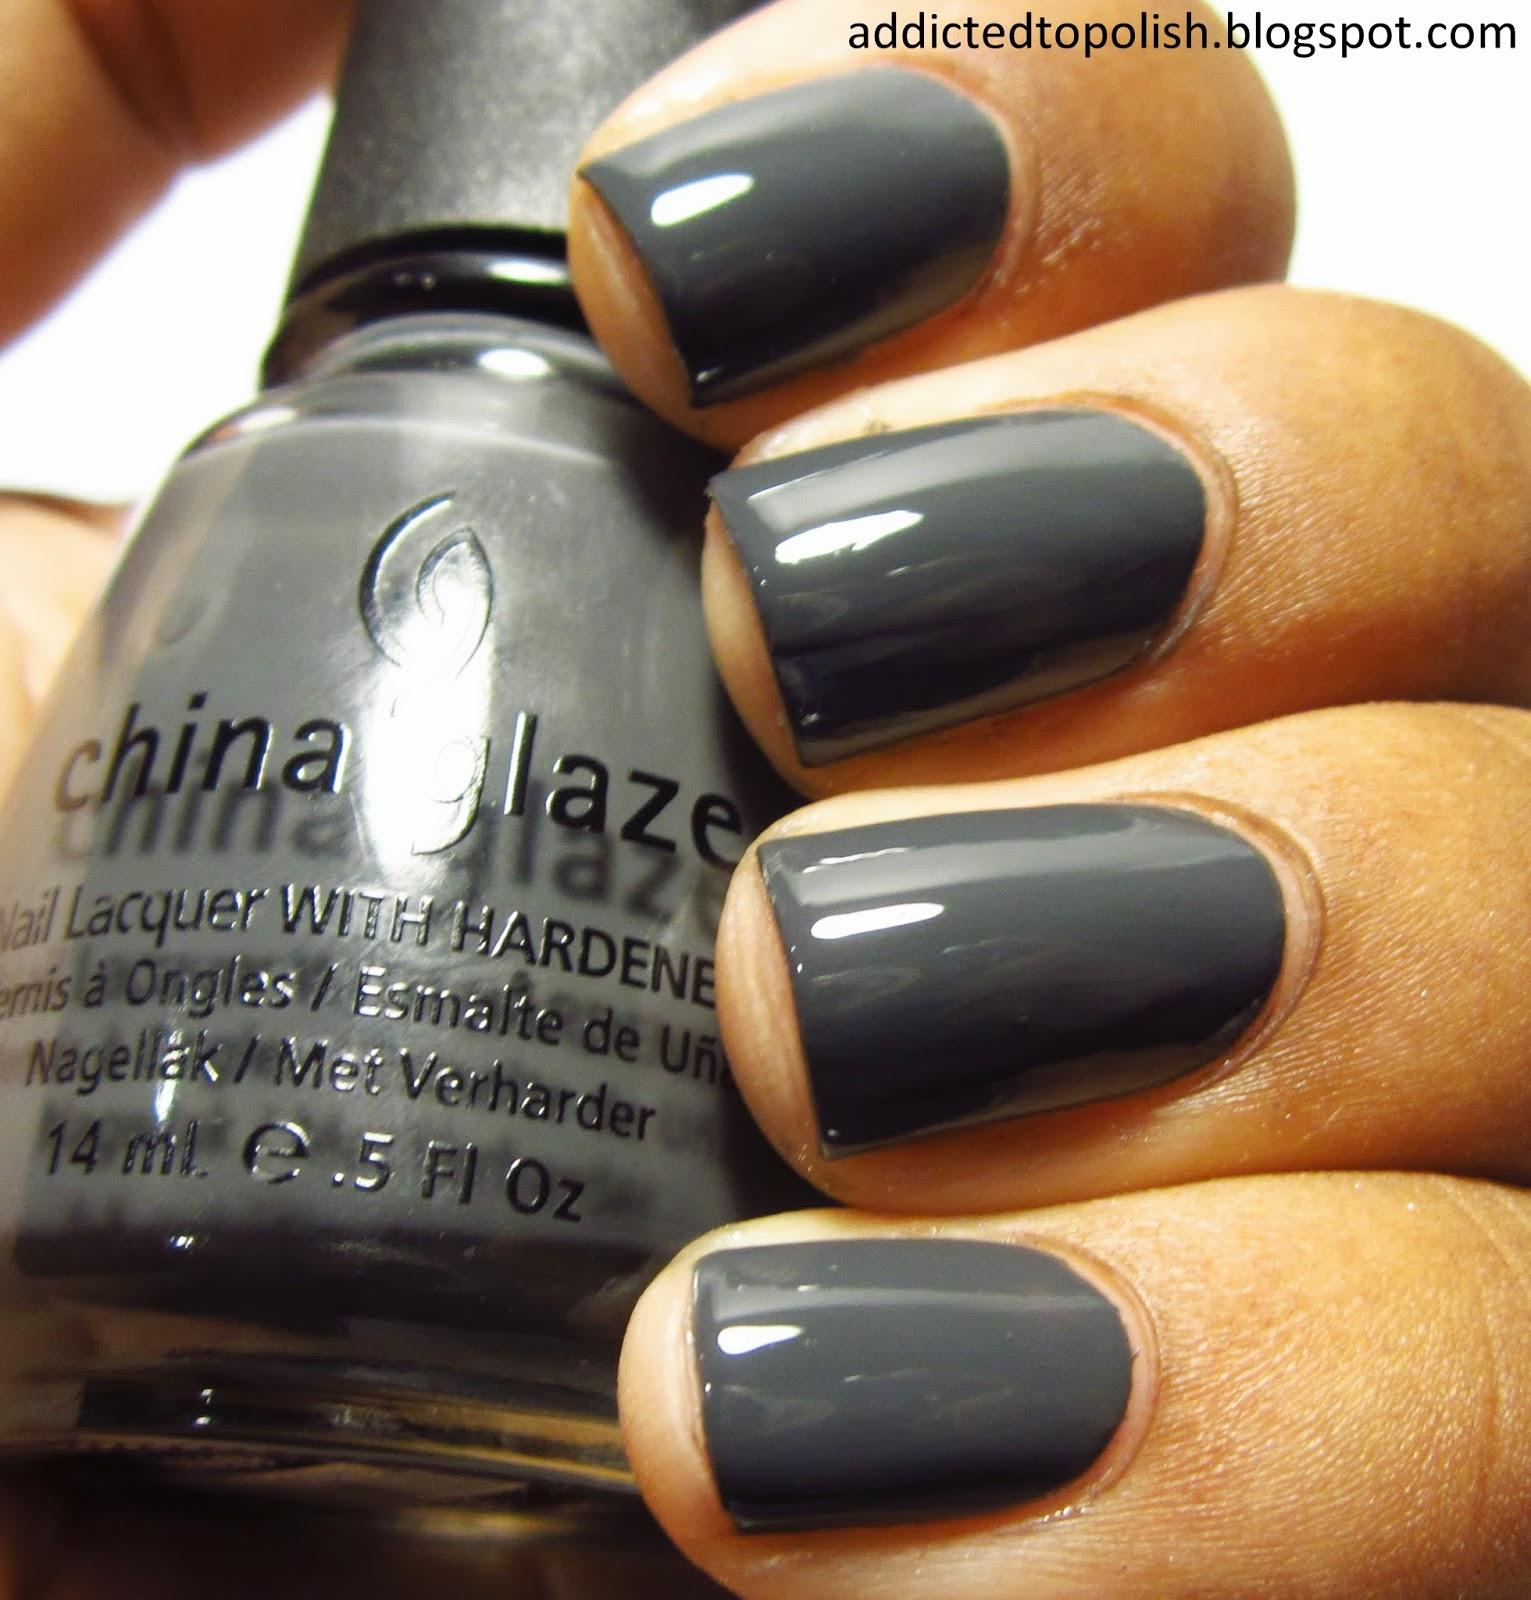 China Glaze Grey Nail Polish